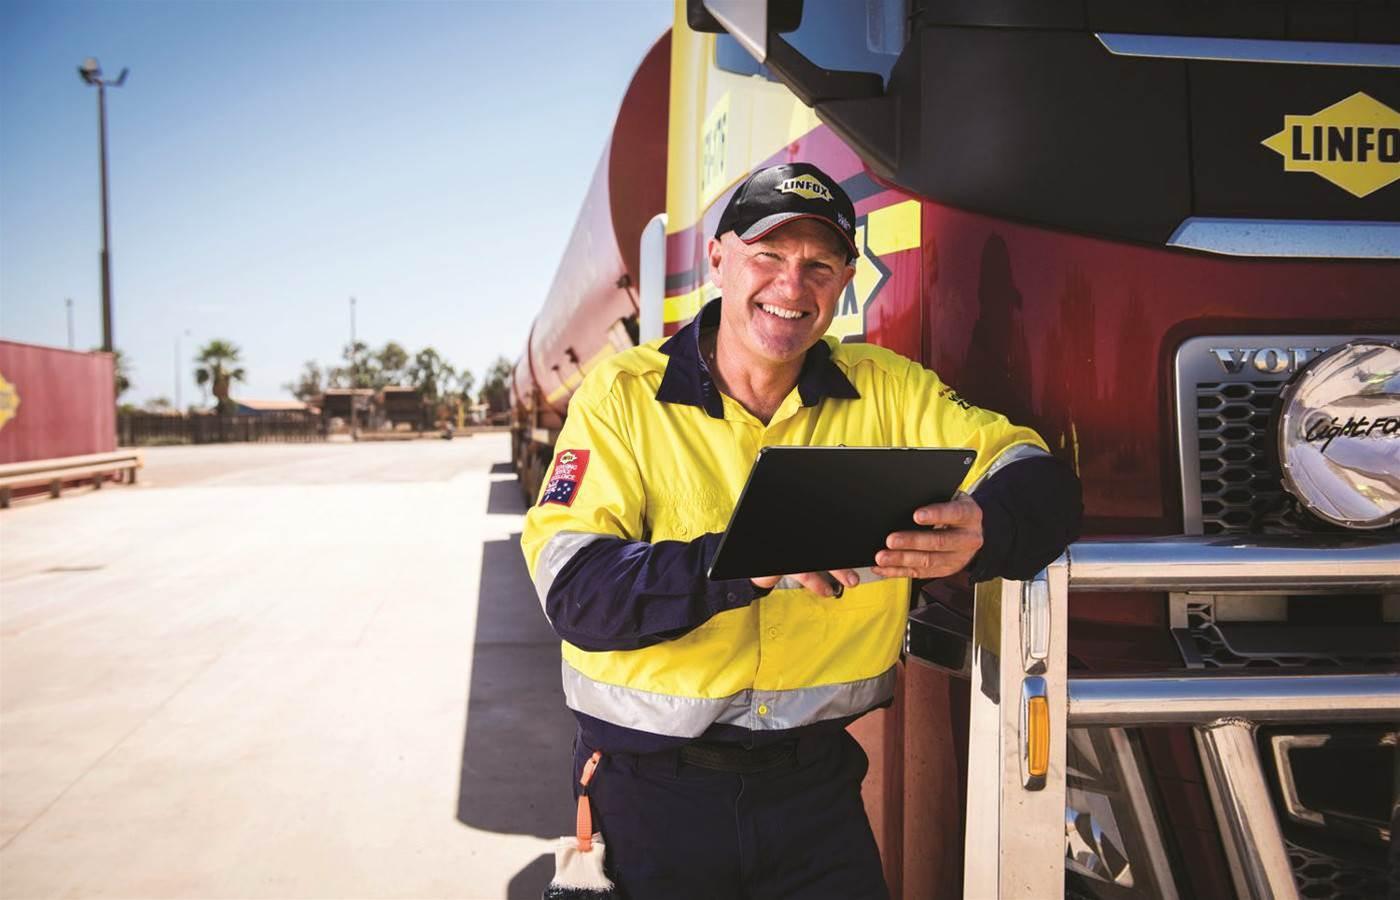 How Telstra will help Linfox monitor its fleet